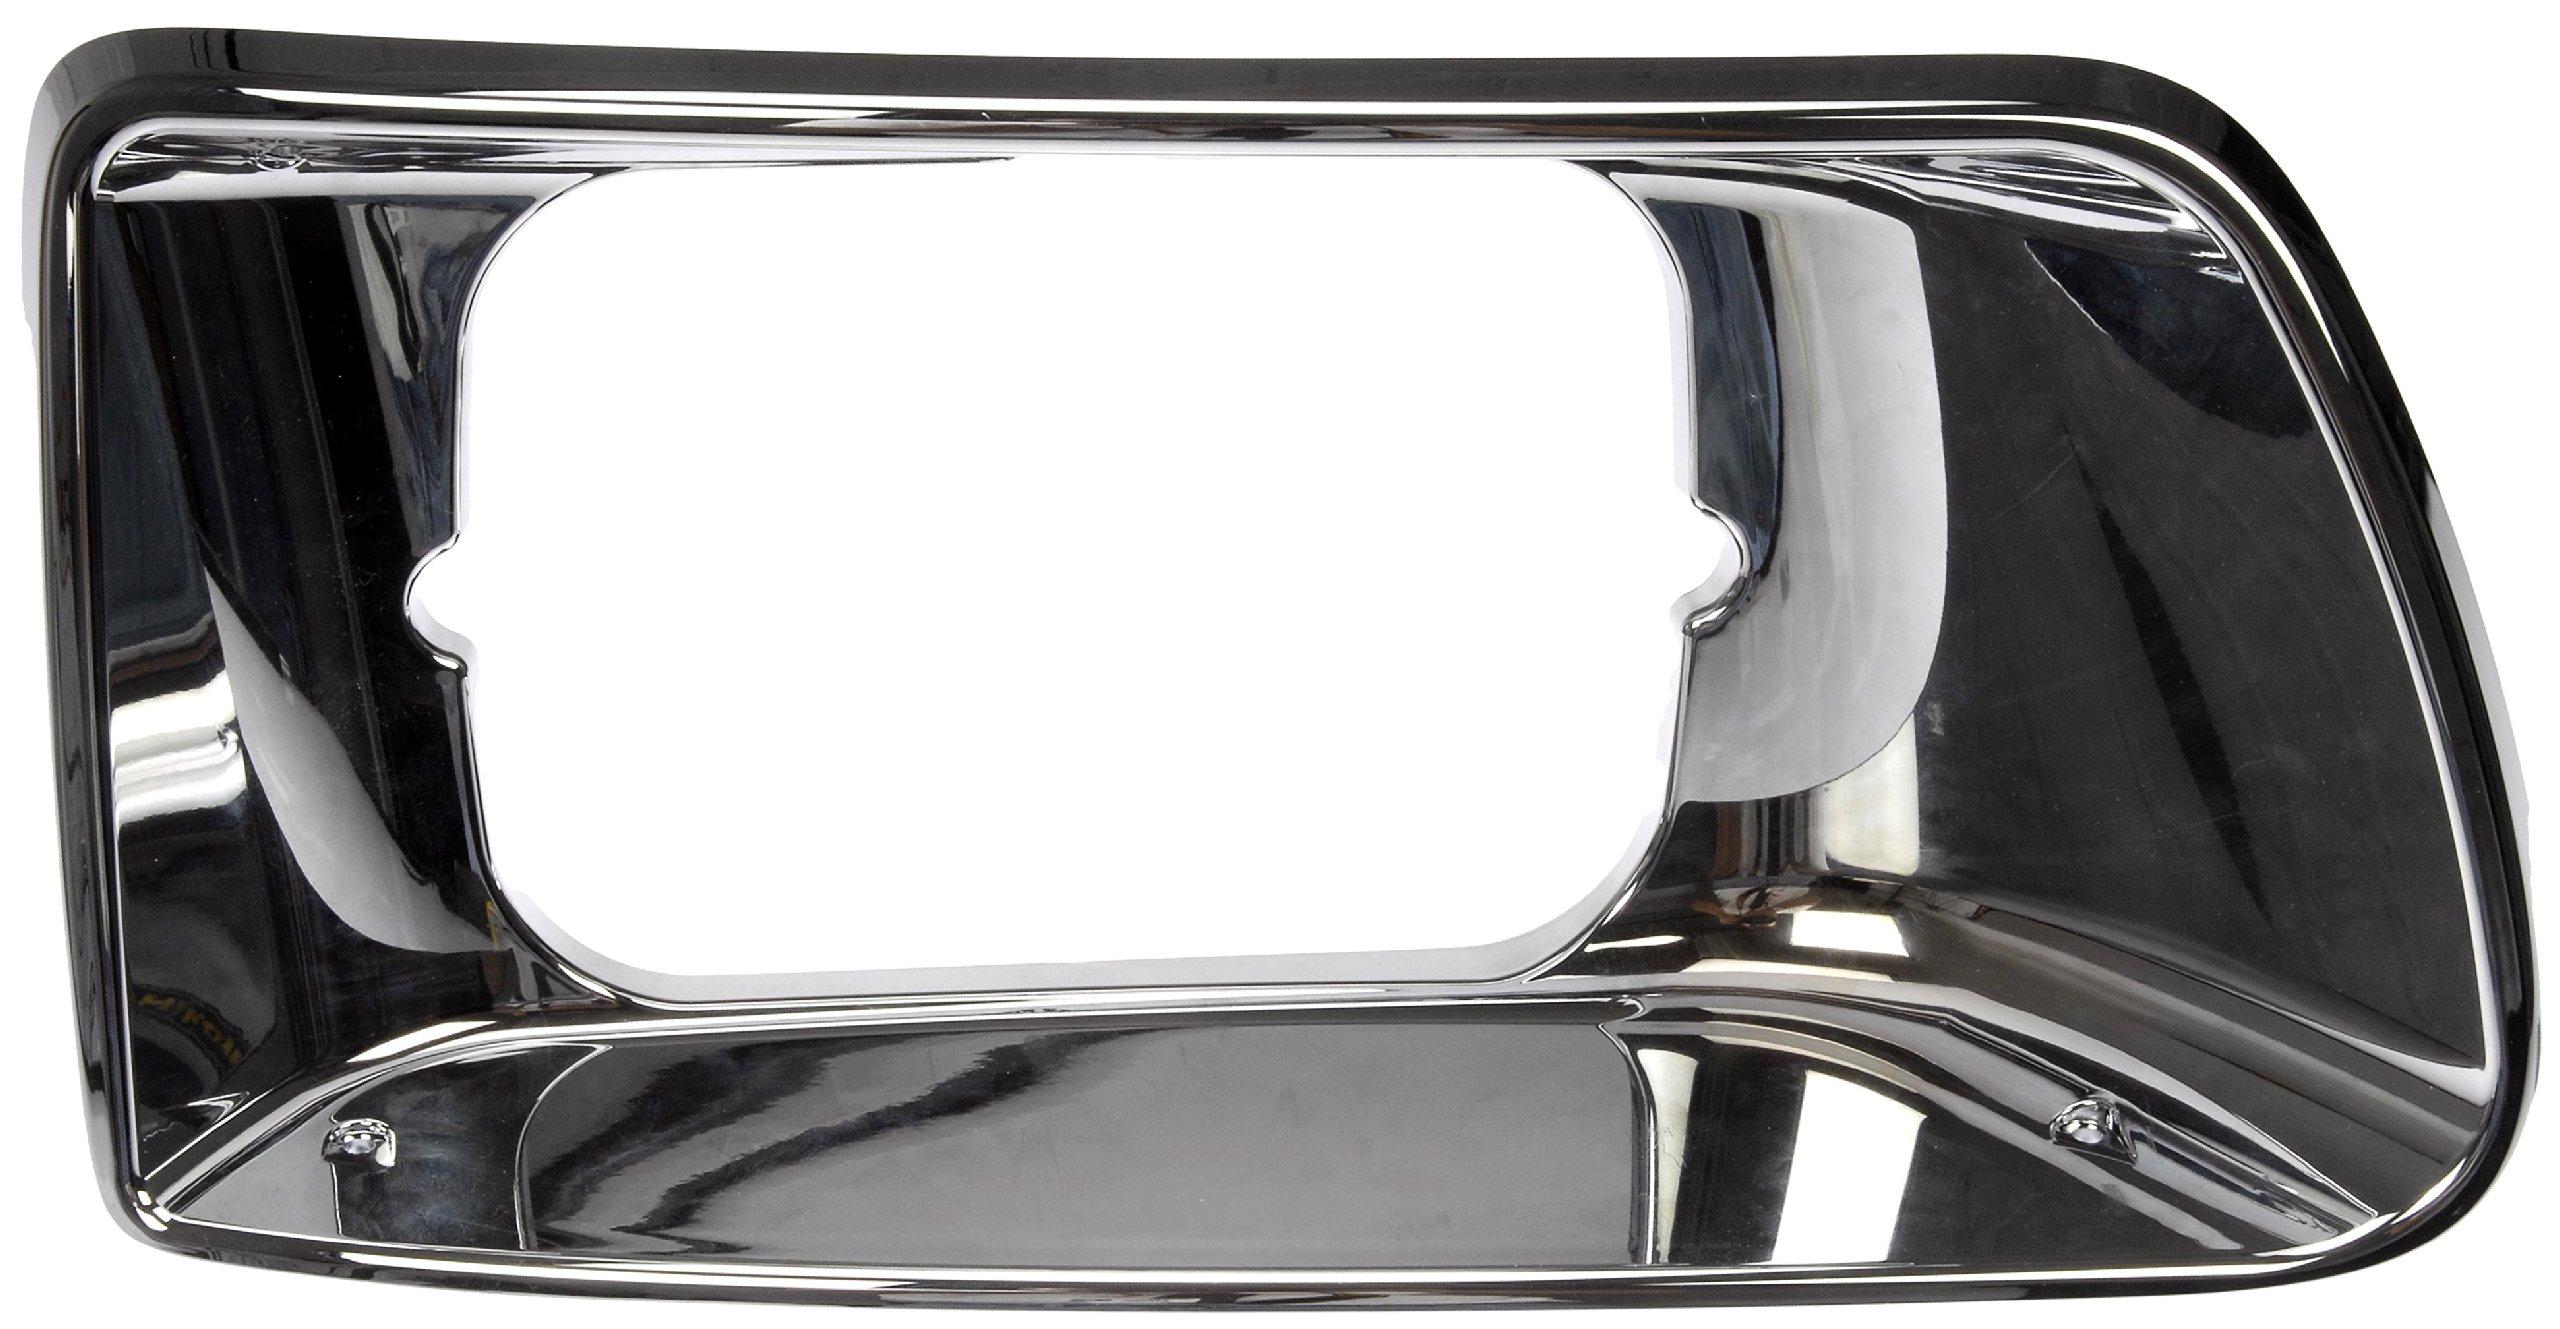 Dorman 889-5405 Kenworth Passenger Side Headlight Bezel